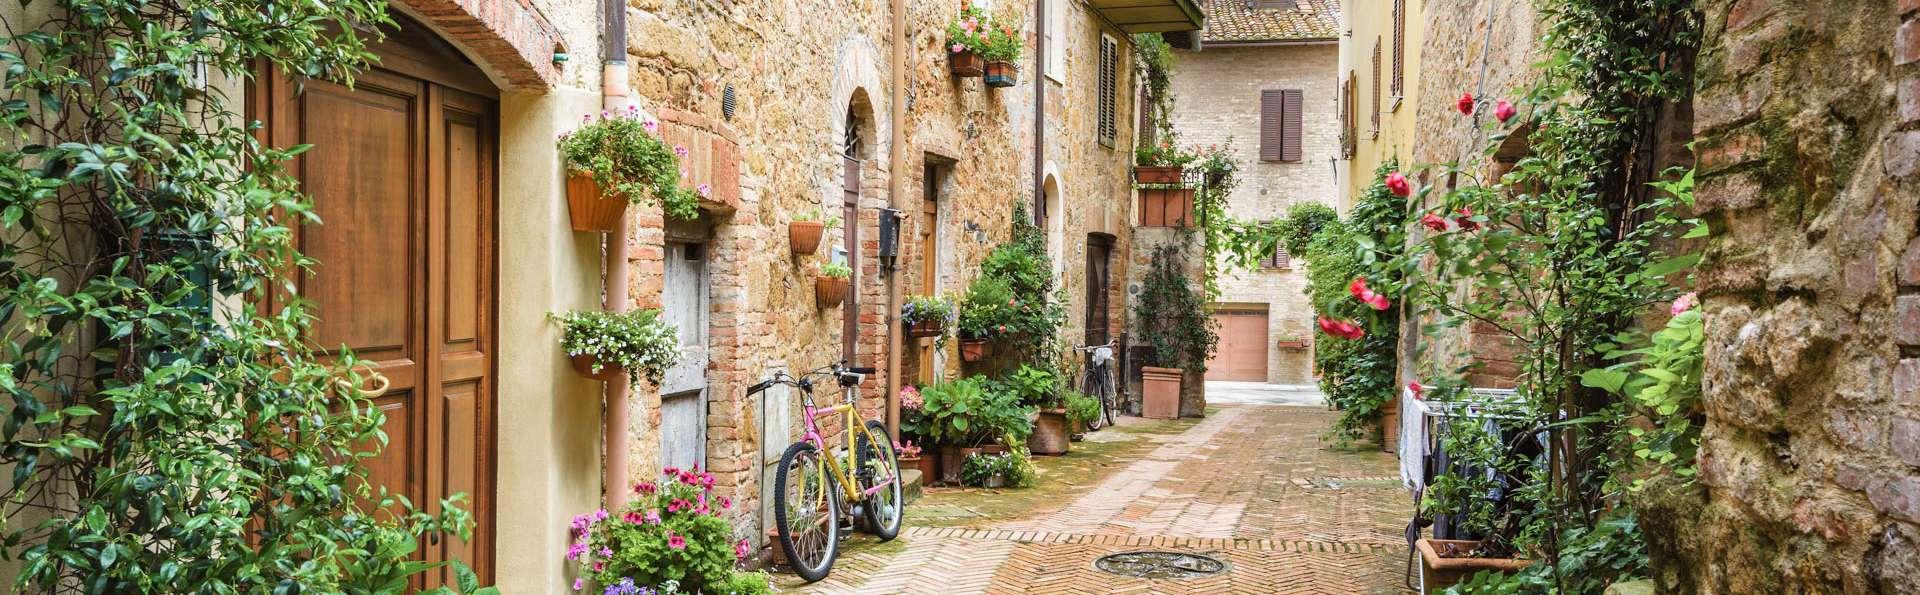 Week-end détente en Toscane, dans le village médiéval de Val d'Orcia